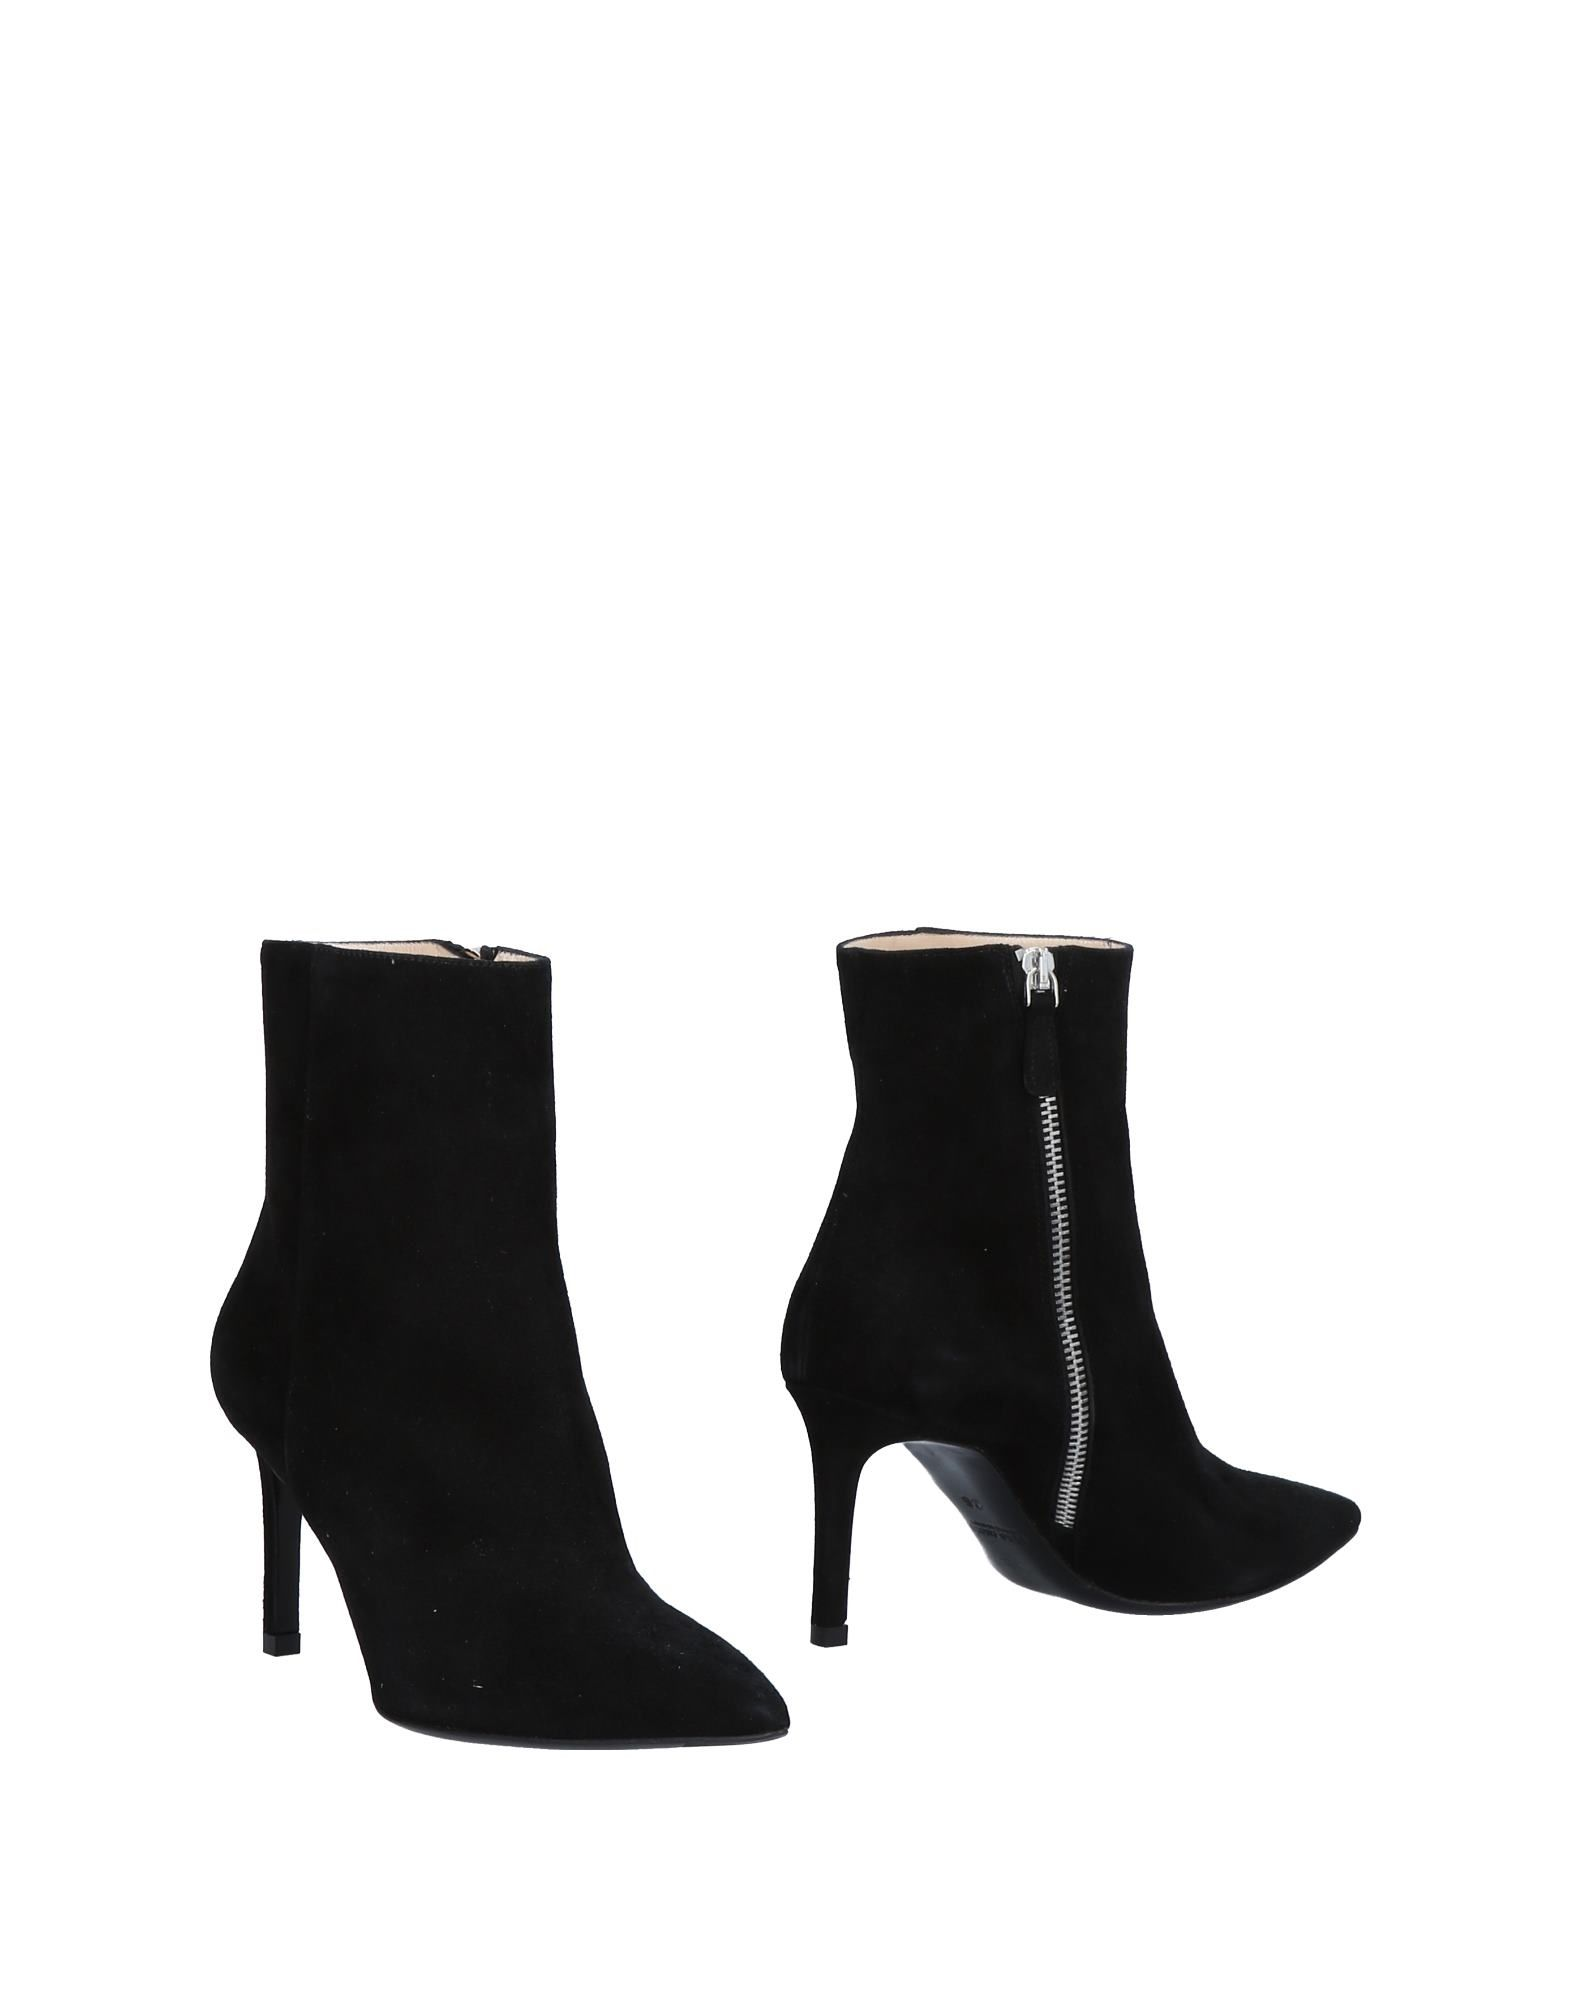 Roberto Festa Stiefelette Damen  11485822NIGut aussehende strapazierfähige Schuhe